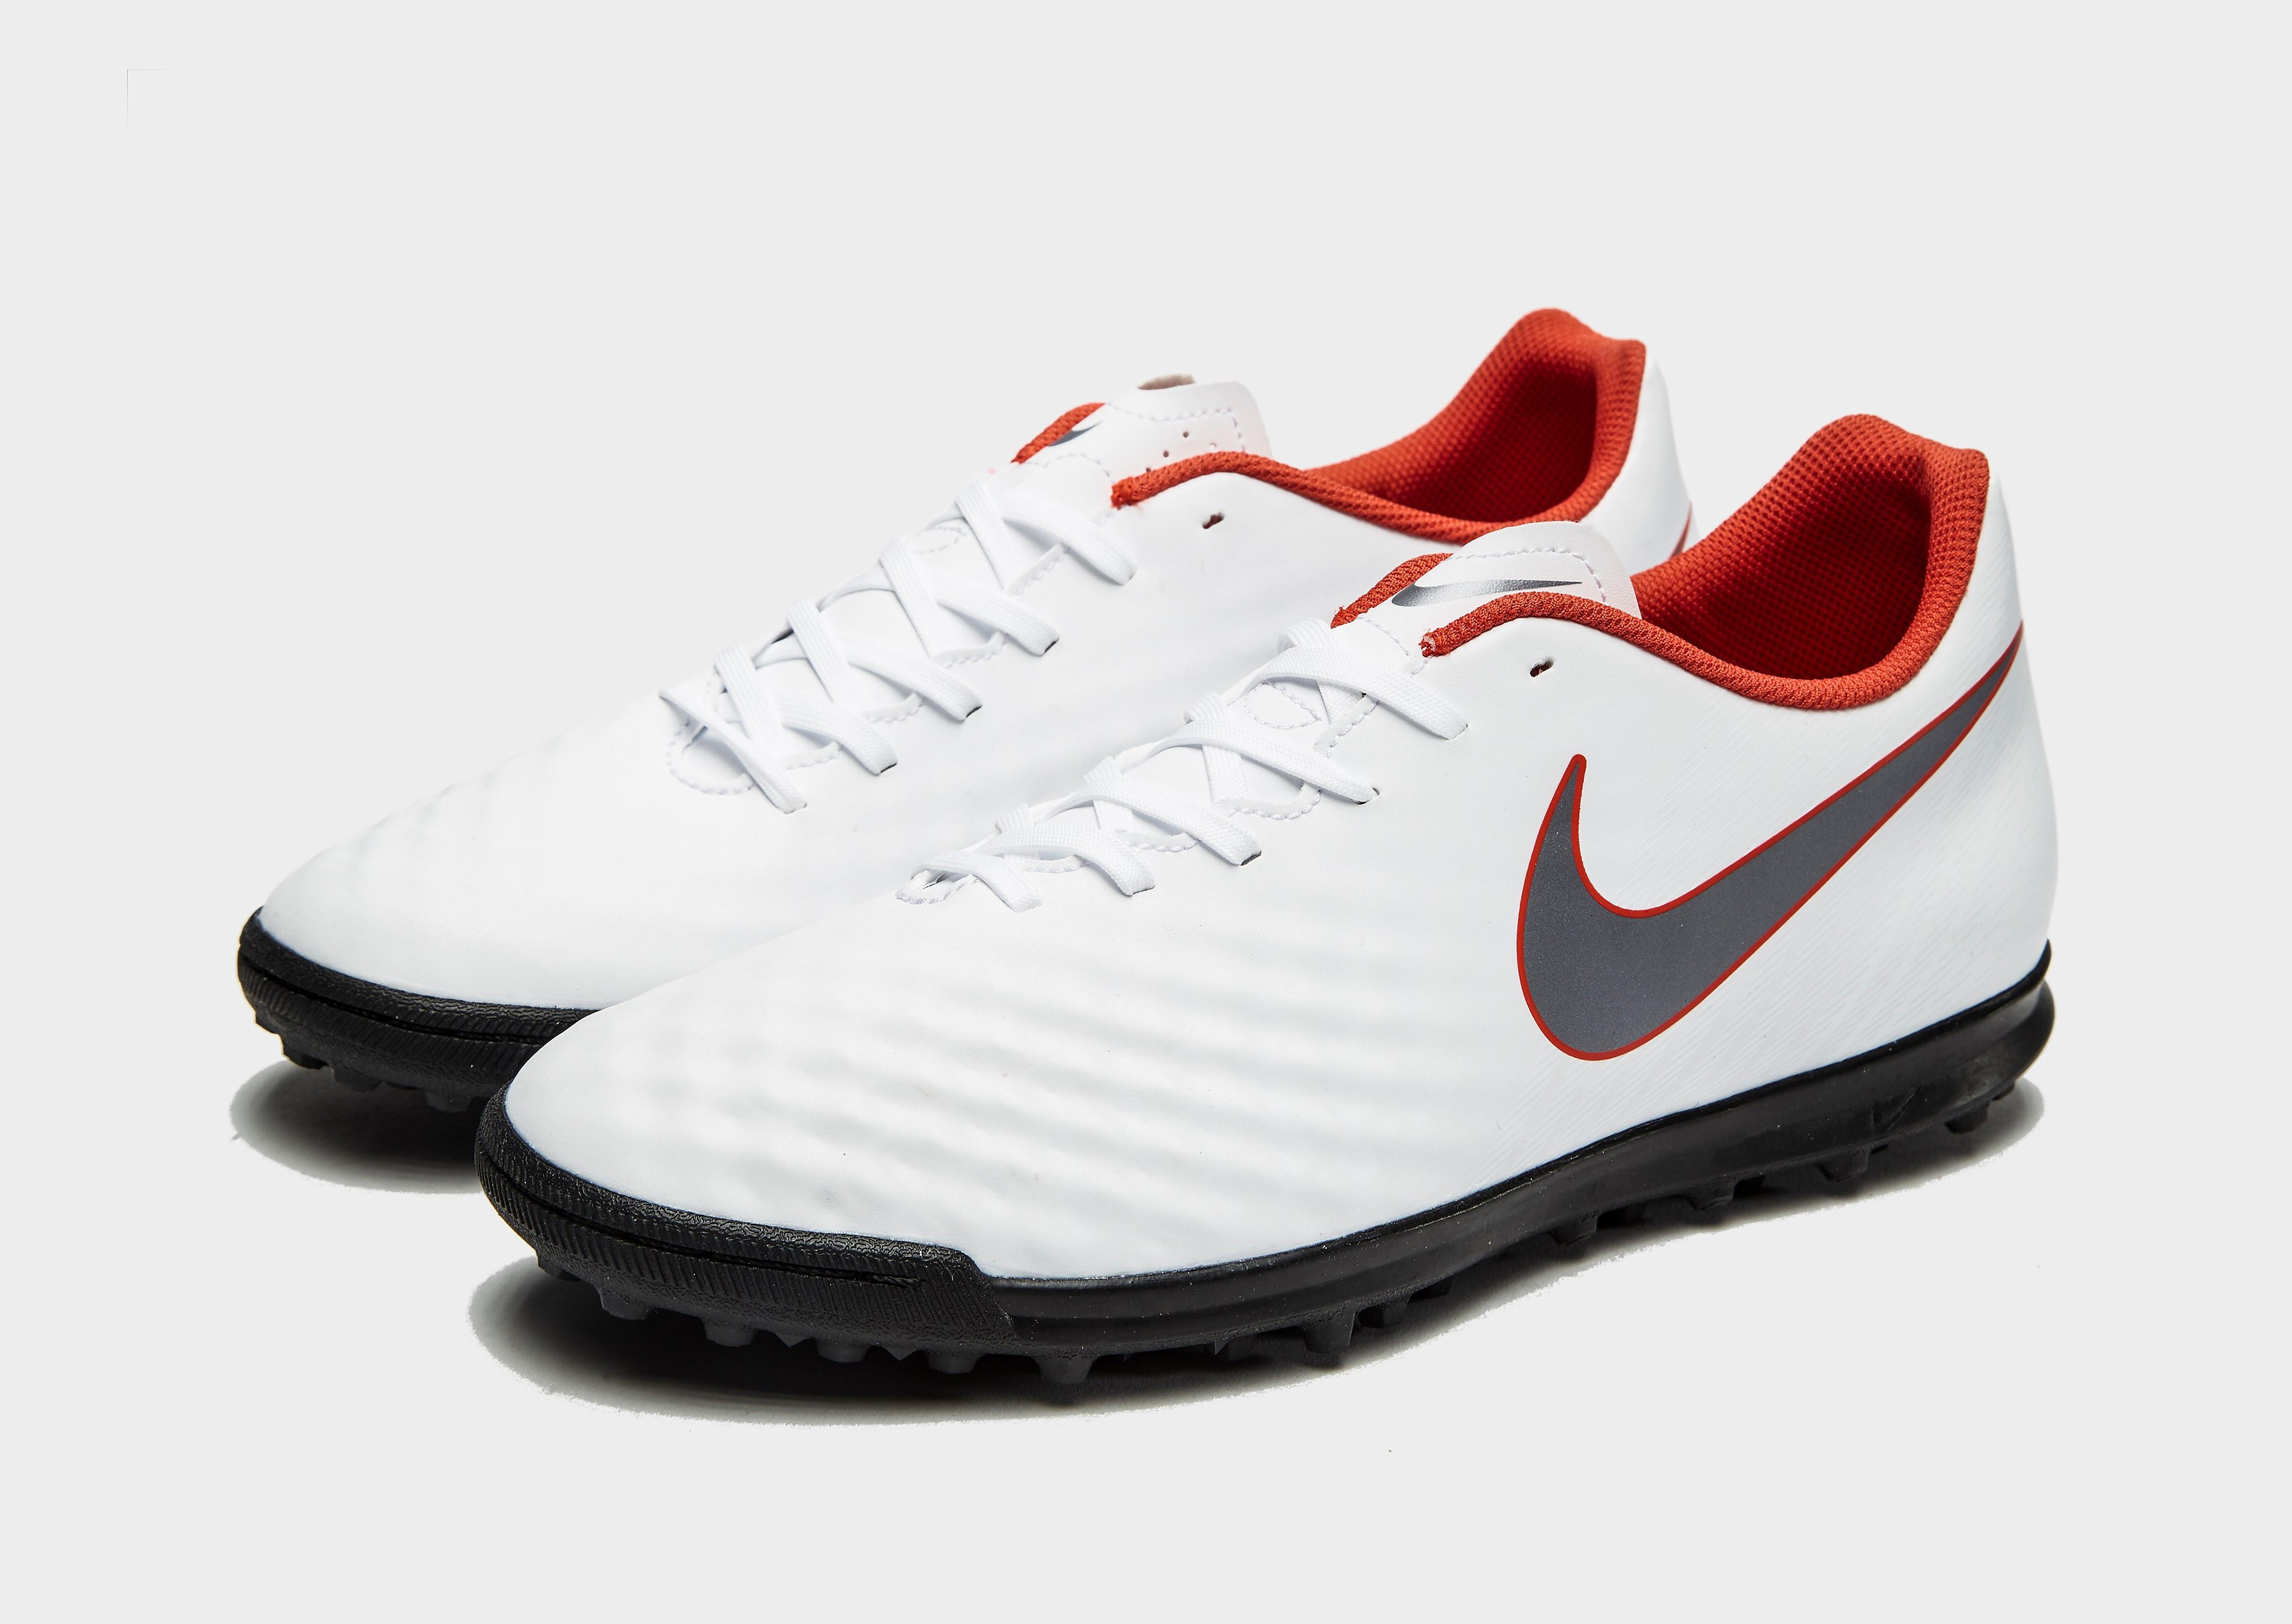 Nike Just Do It Magista Club TF